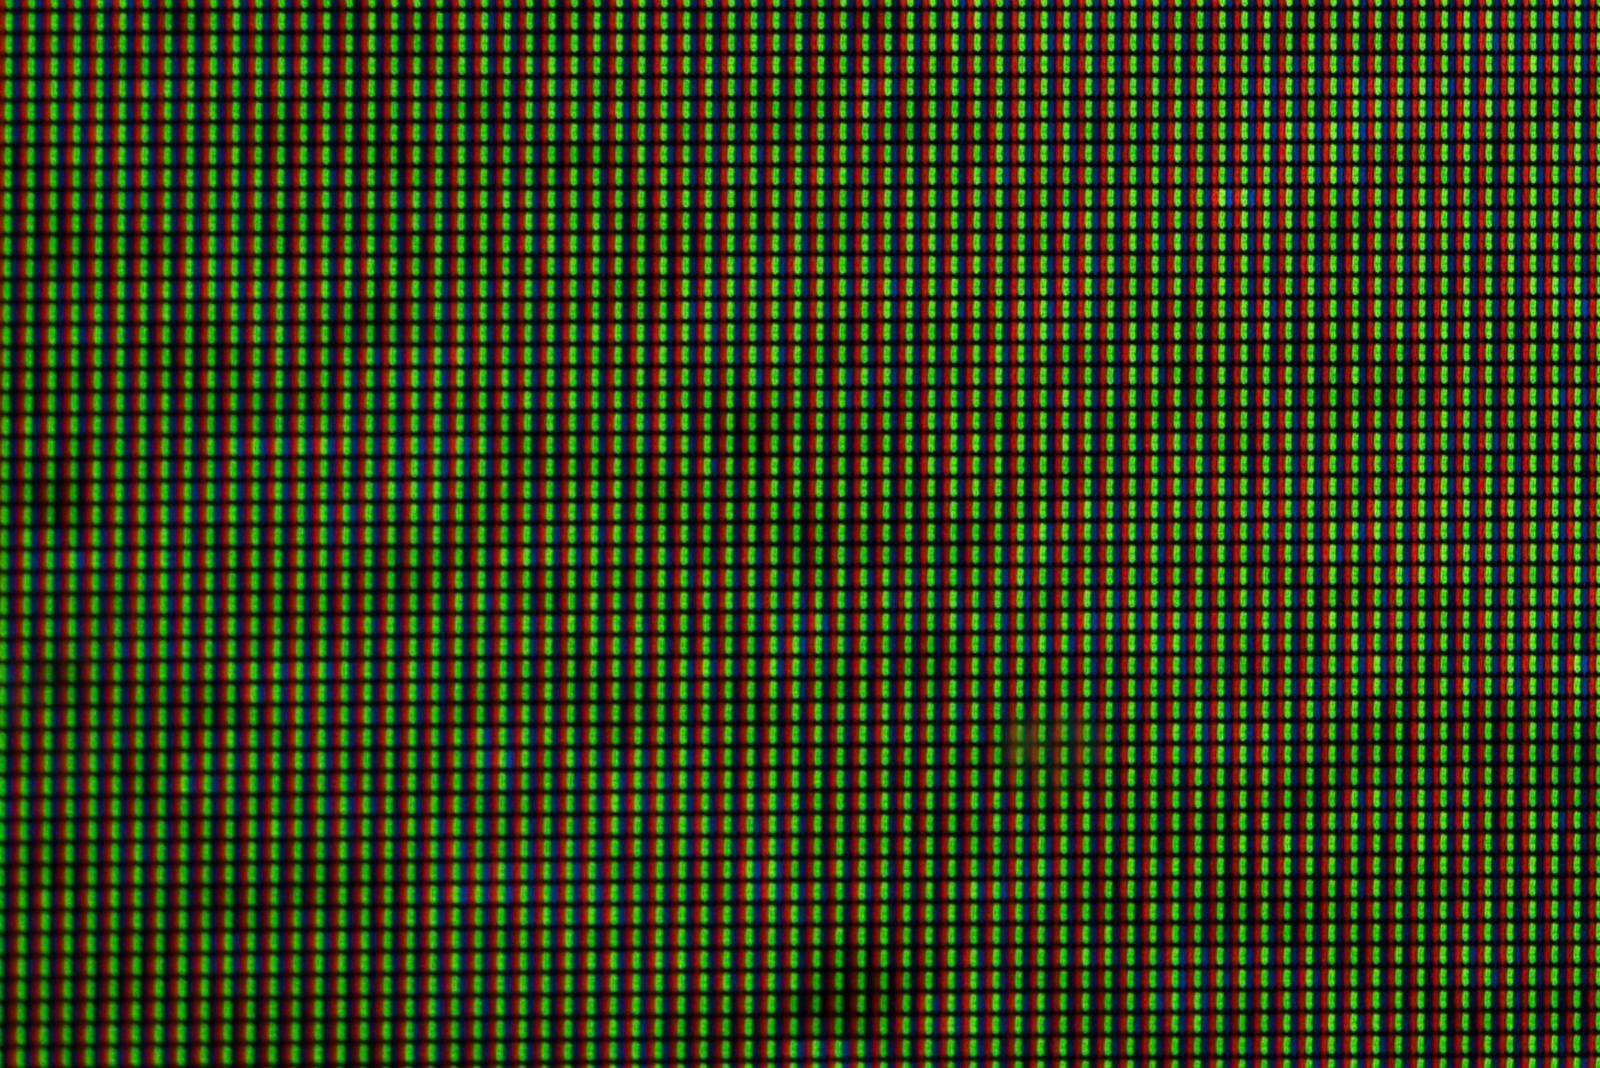 Green Pixel Field.